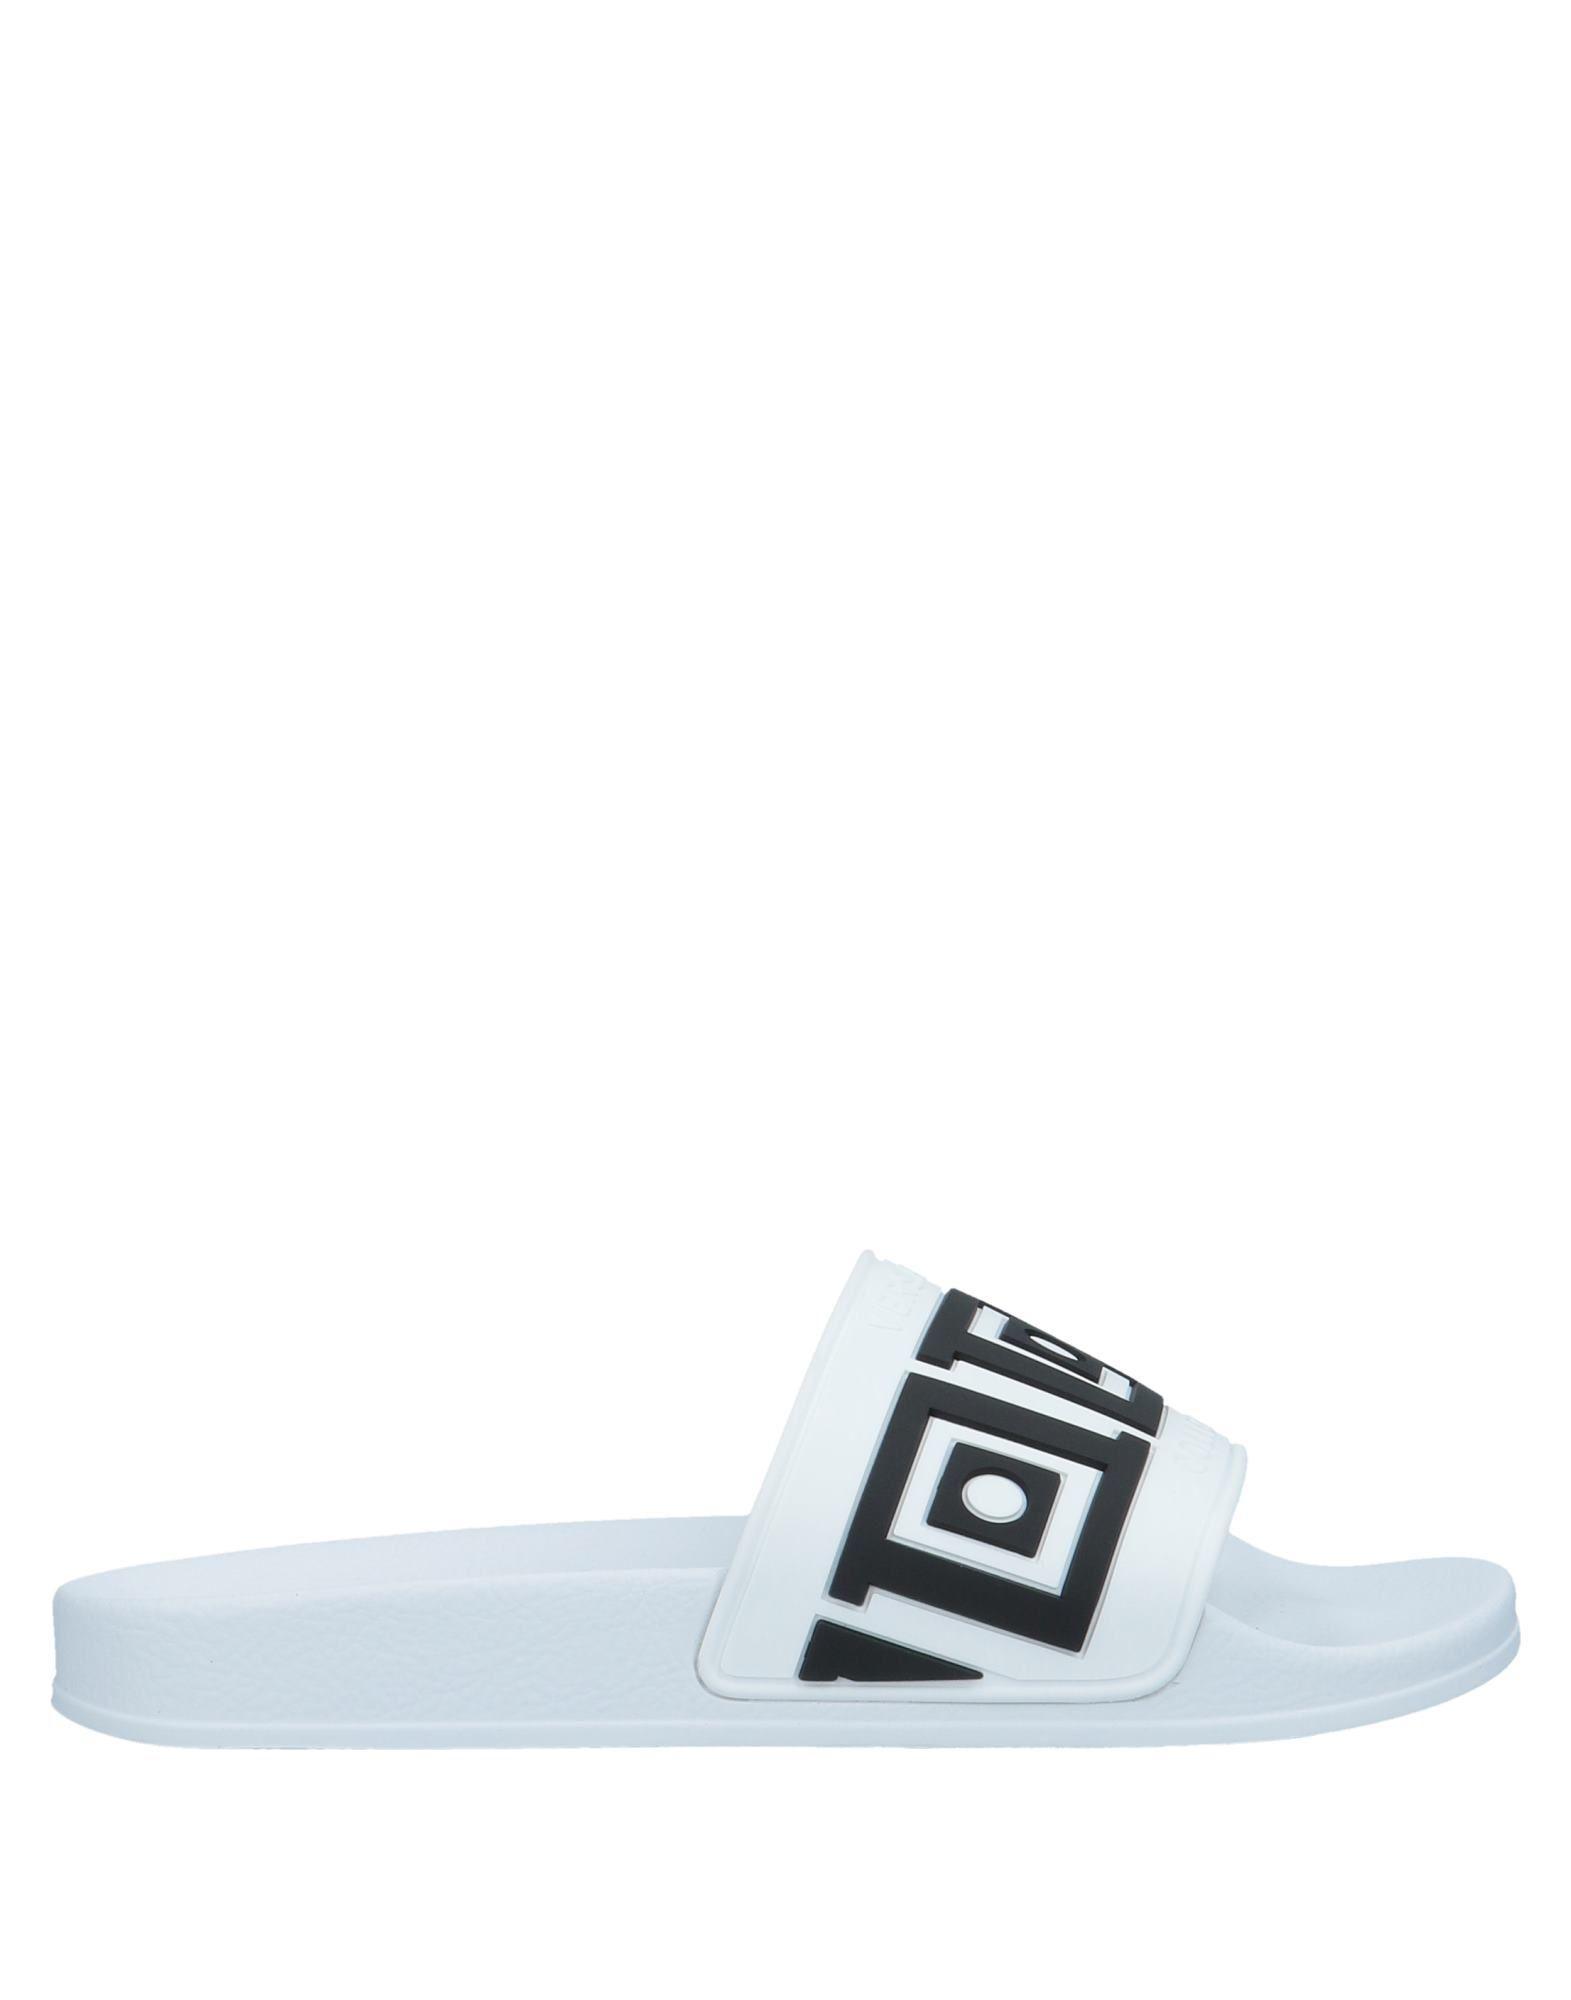 Color Versace Sandalias Blanco Lyst Hombre De Acq4L5j3R